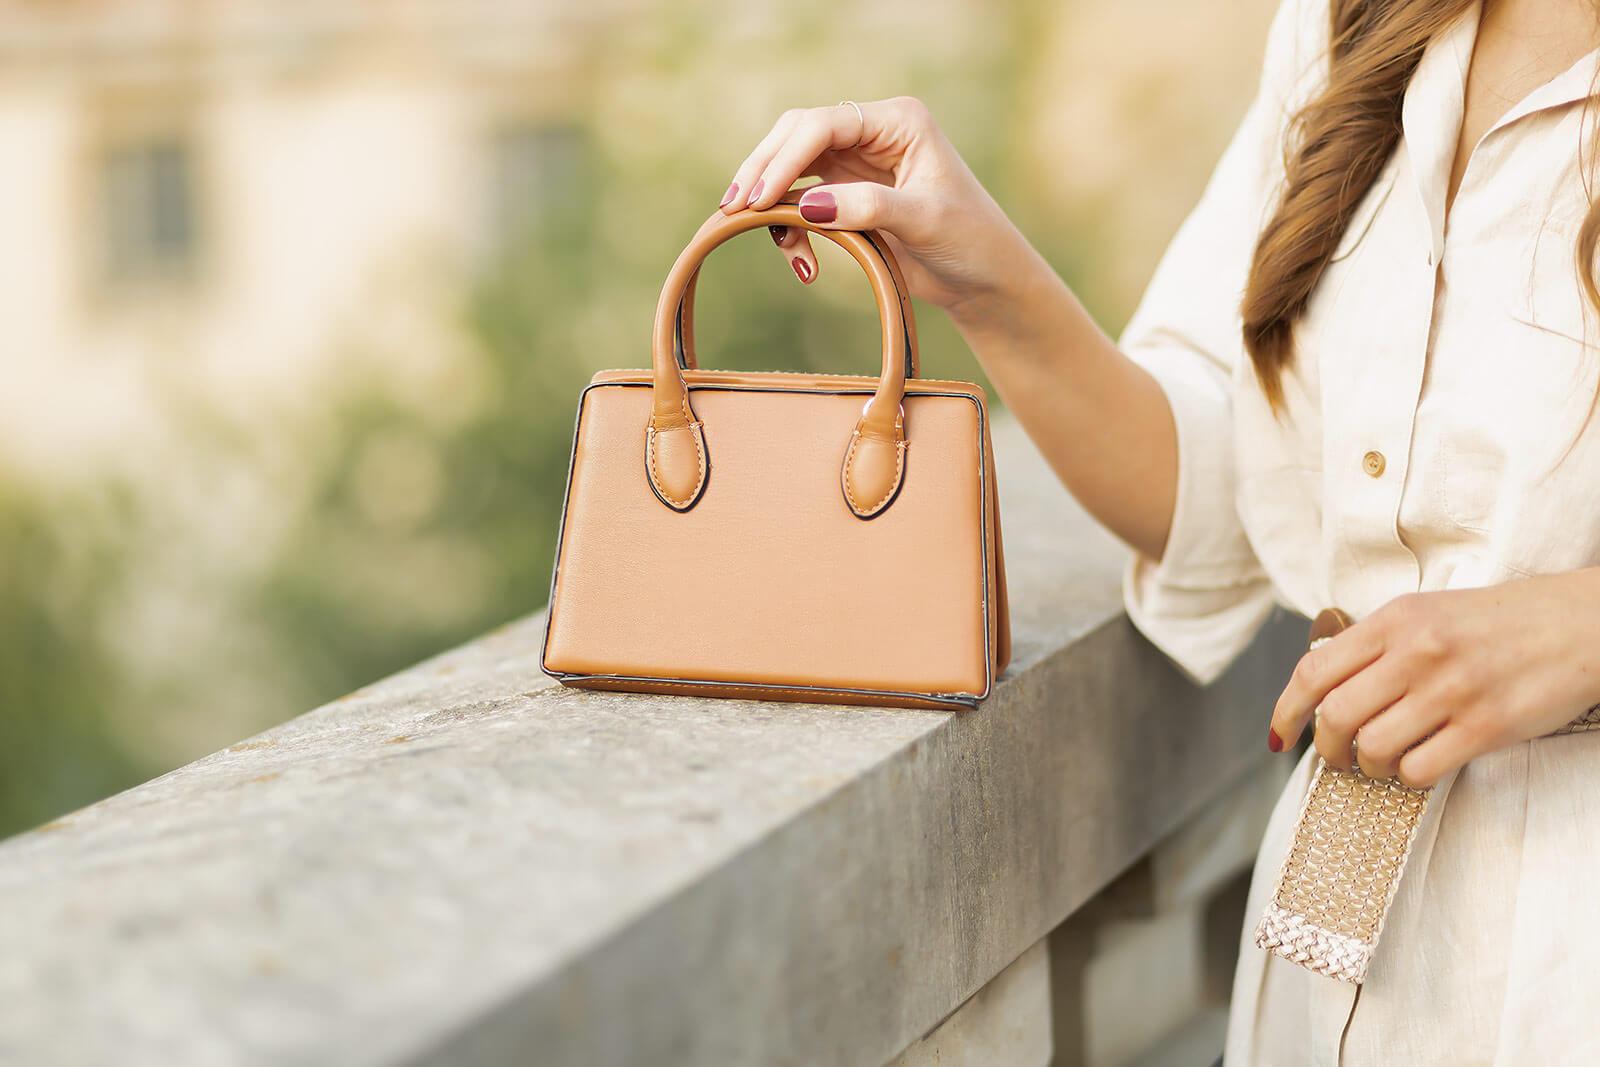 Trend Taschen für den Sommer, Taschen Trends 2020, Mini Taschen, Shoelove by Deichmann